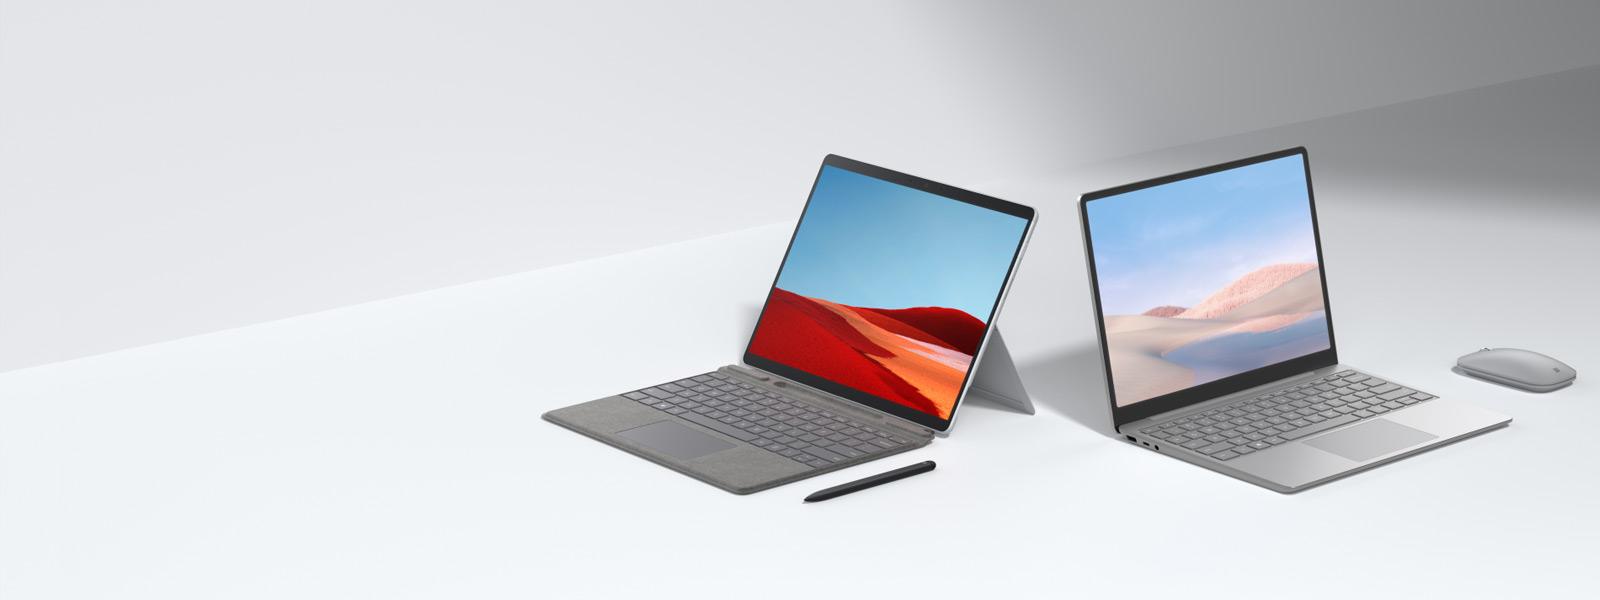 Collezione di portatili Windows 10